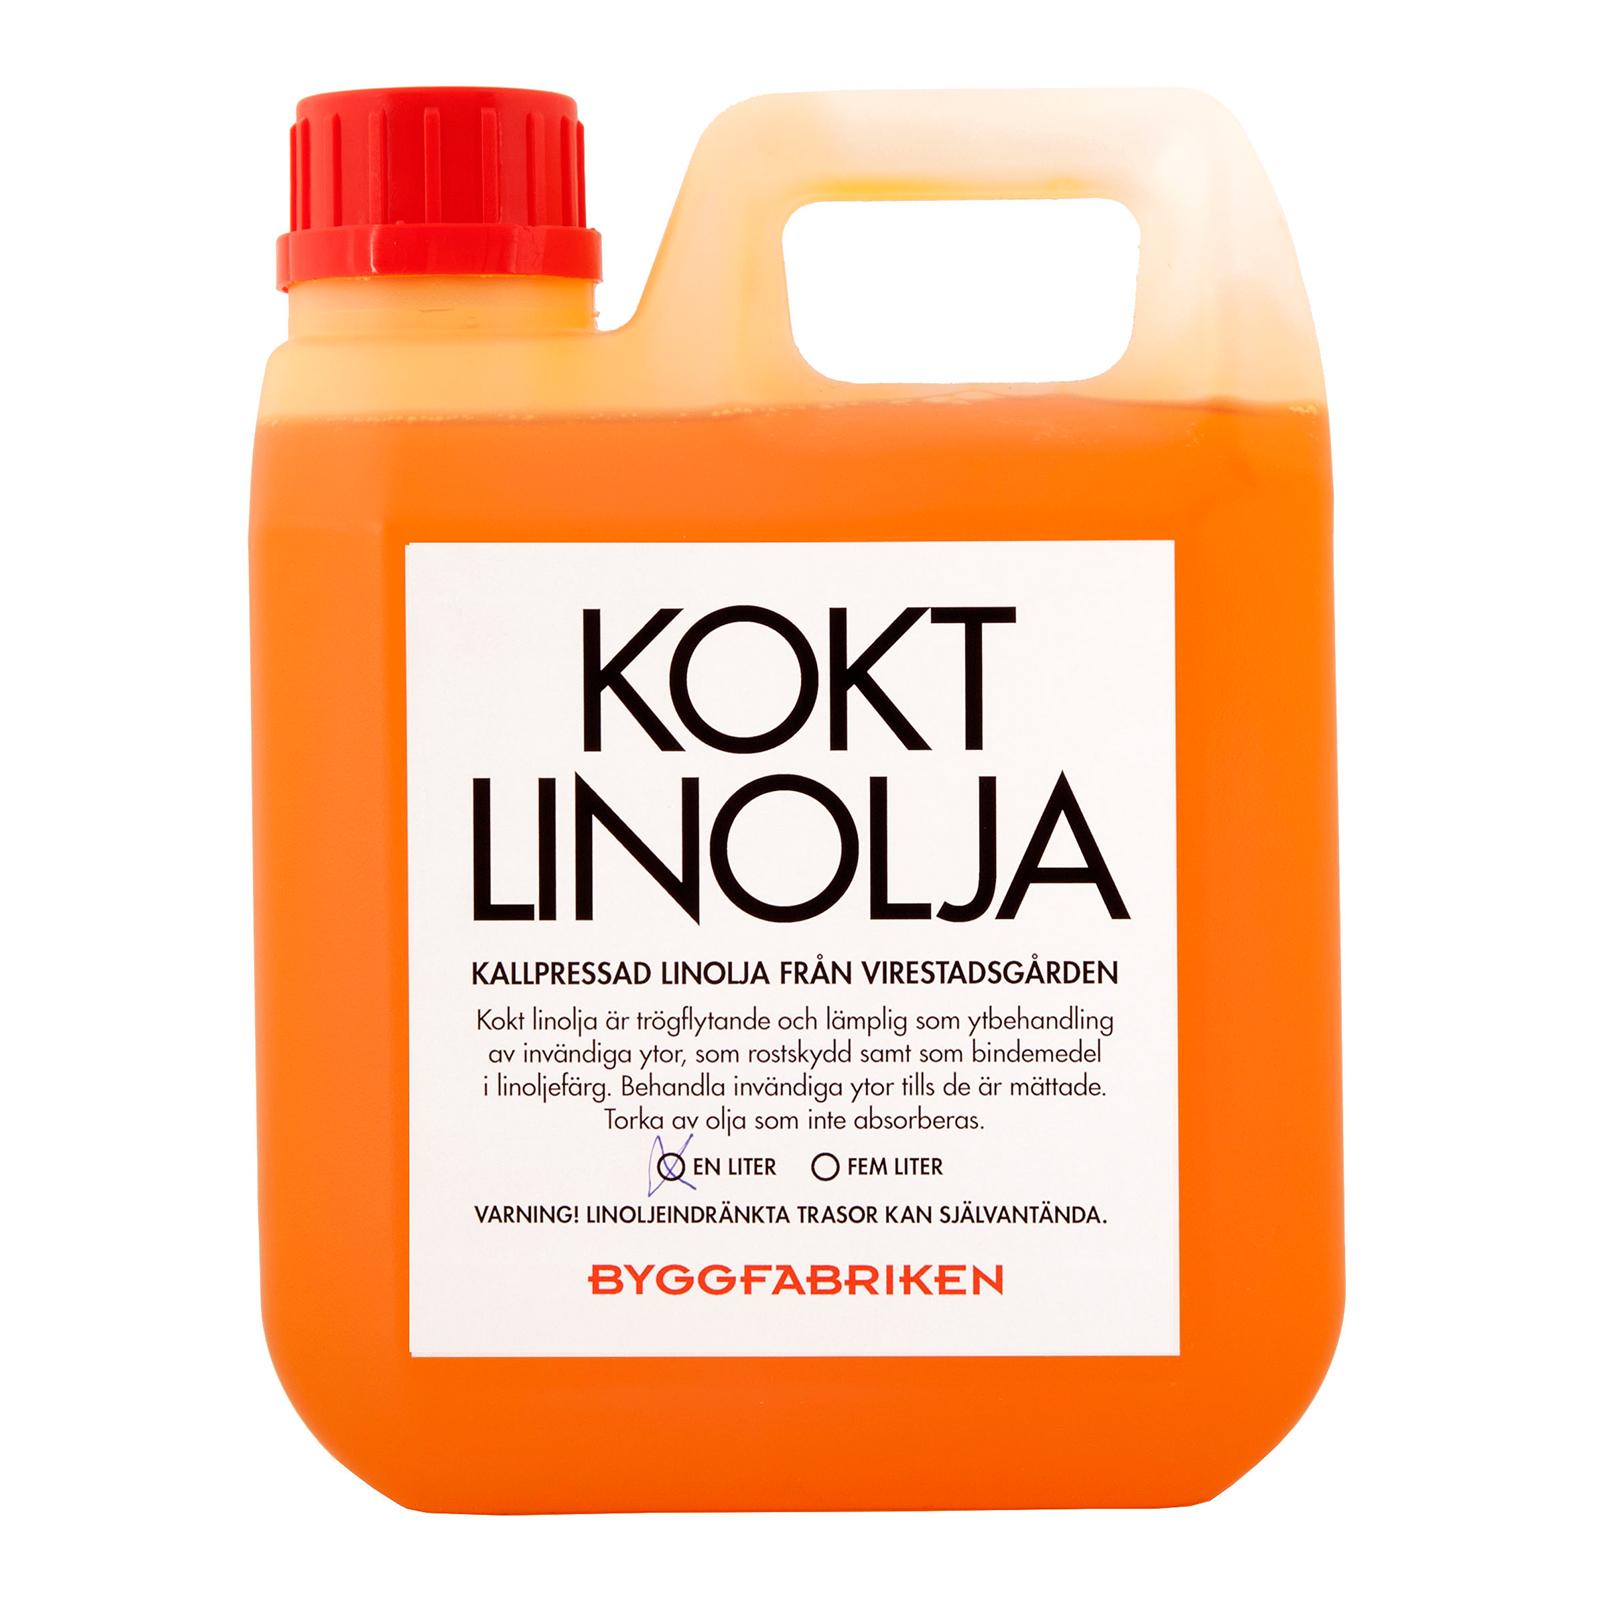 Olja Utemöbler Med Linolja ~ Samling av de senaste inspirerande mönster för ditt hem och